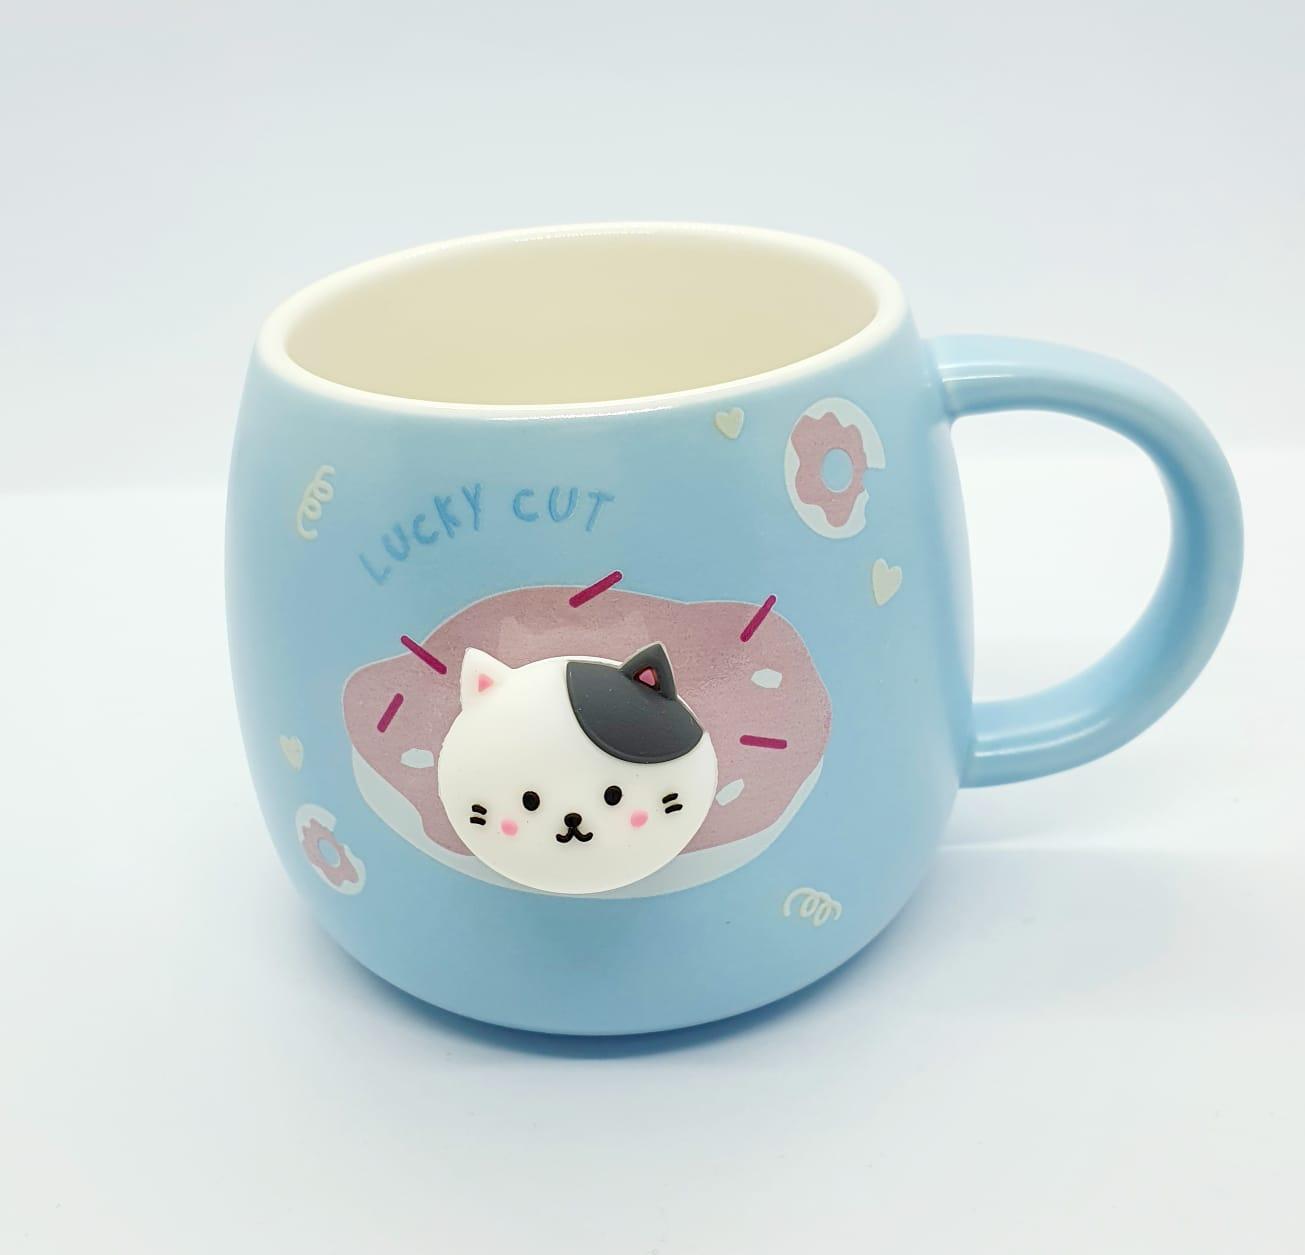 Caneca/Vaso gatinho Lucky cut azul em cerâmica - 350ml